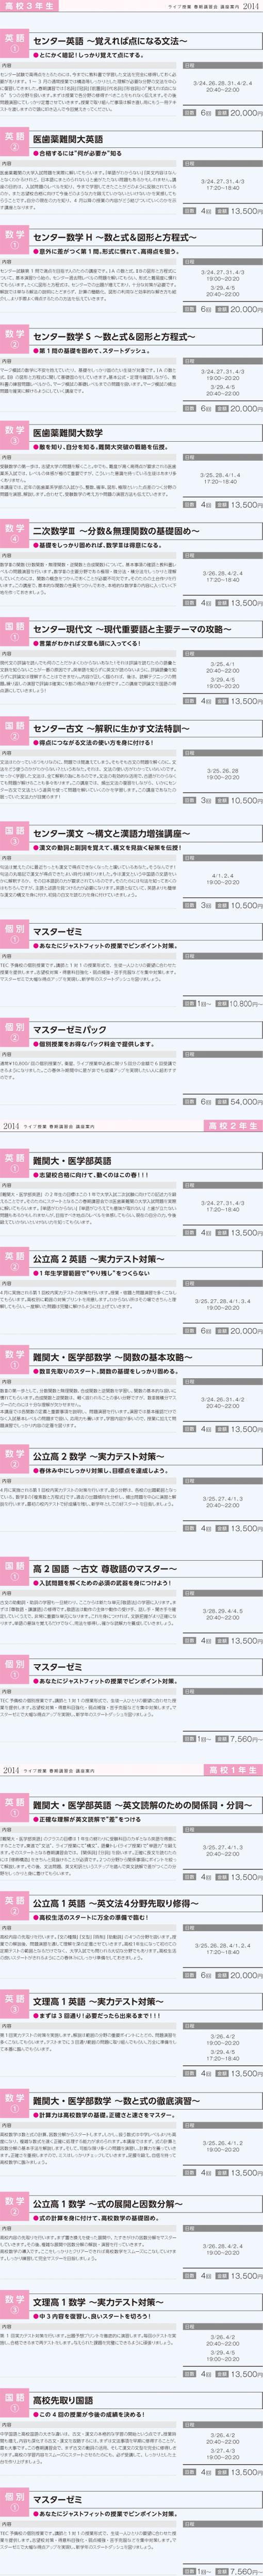 2014春期講習(高校部)